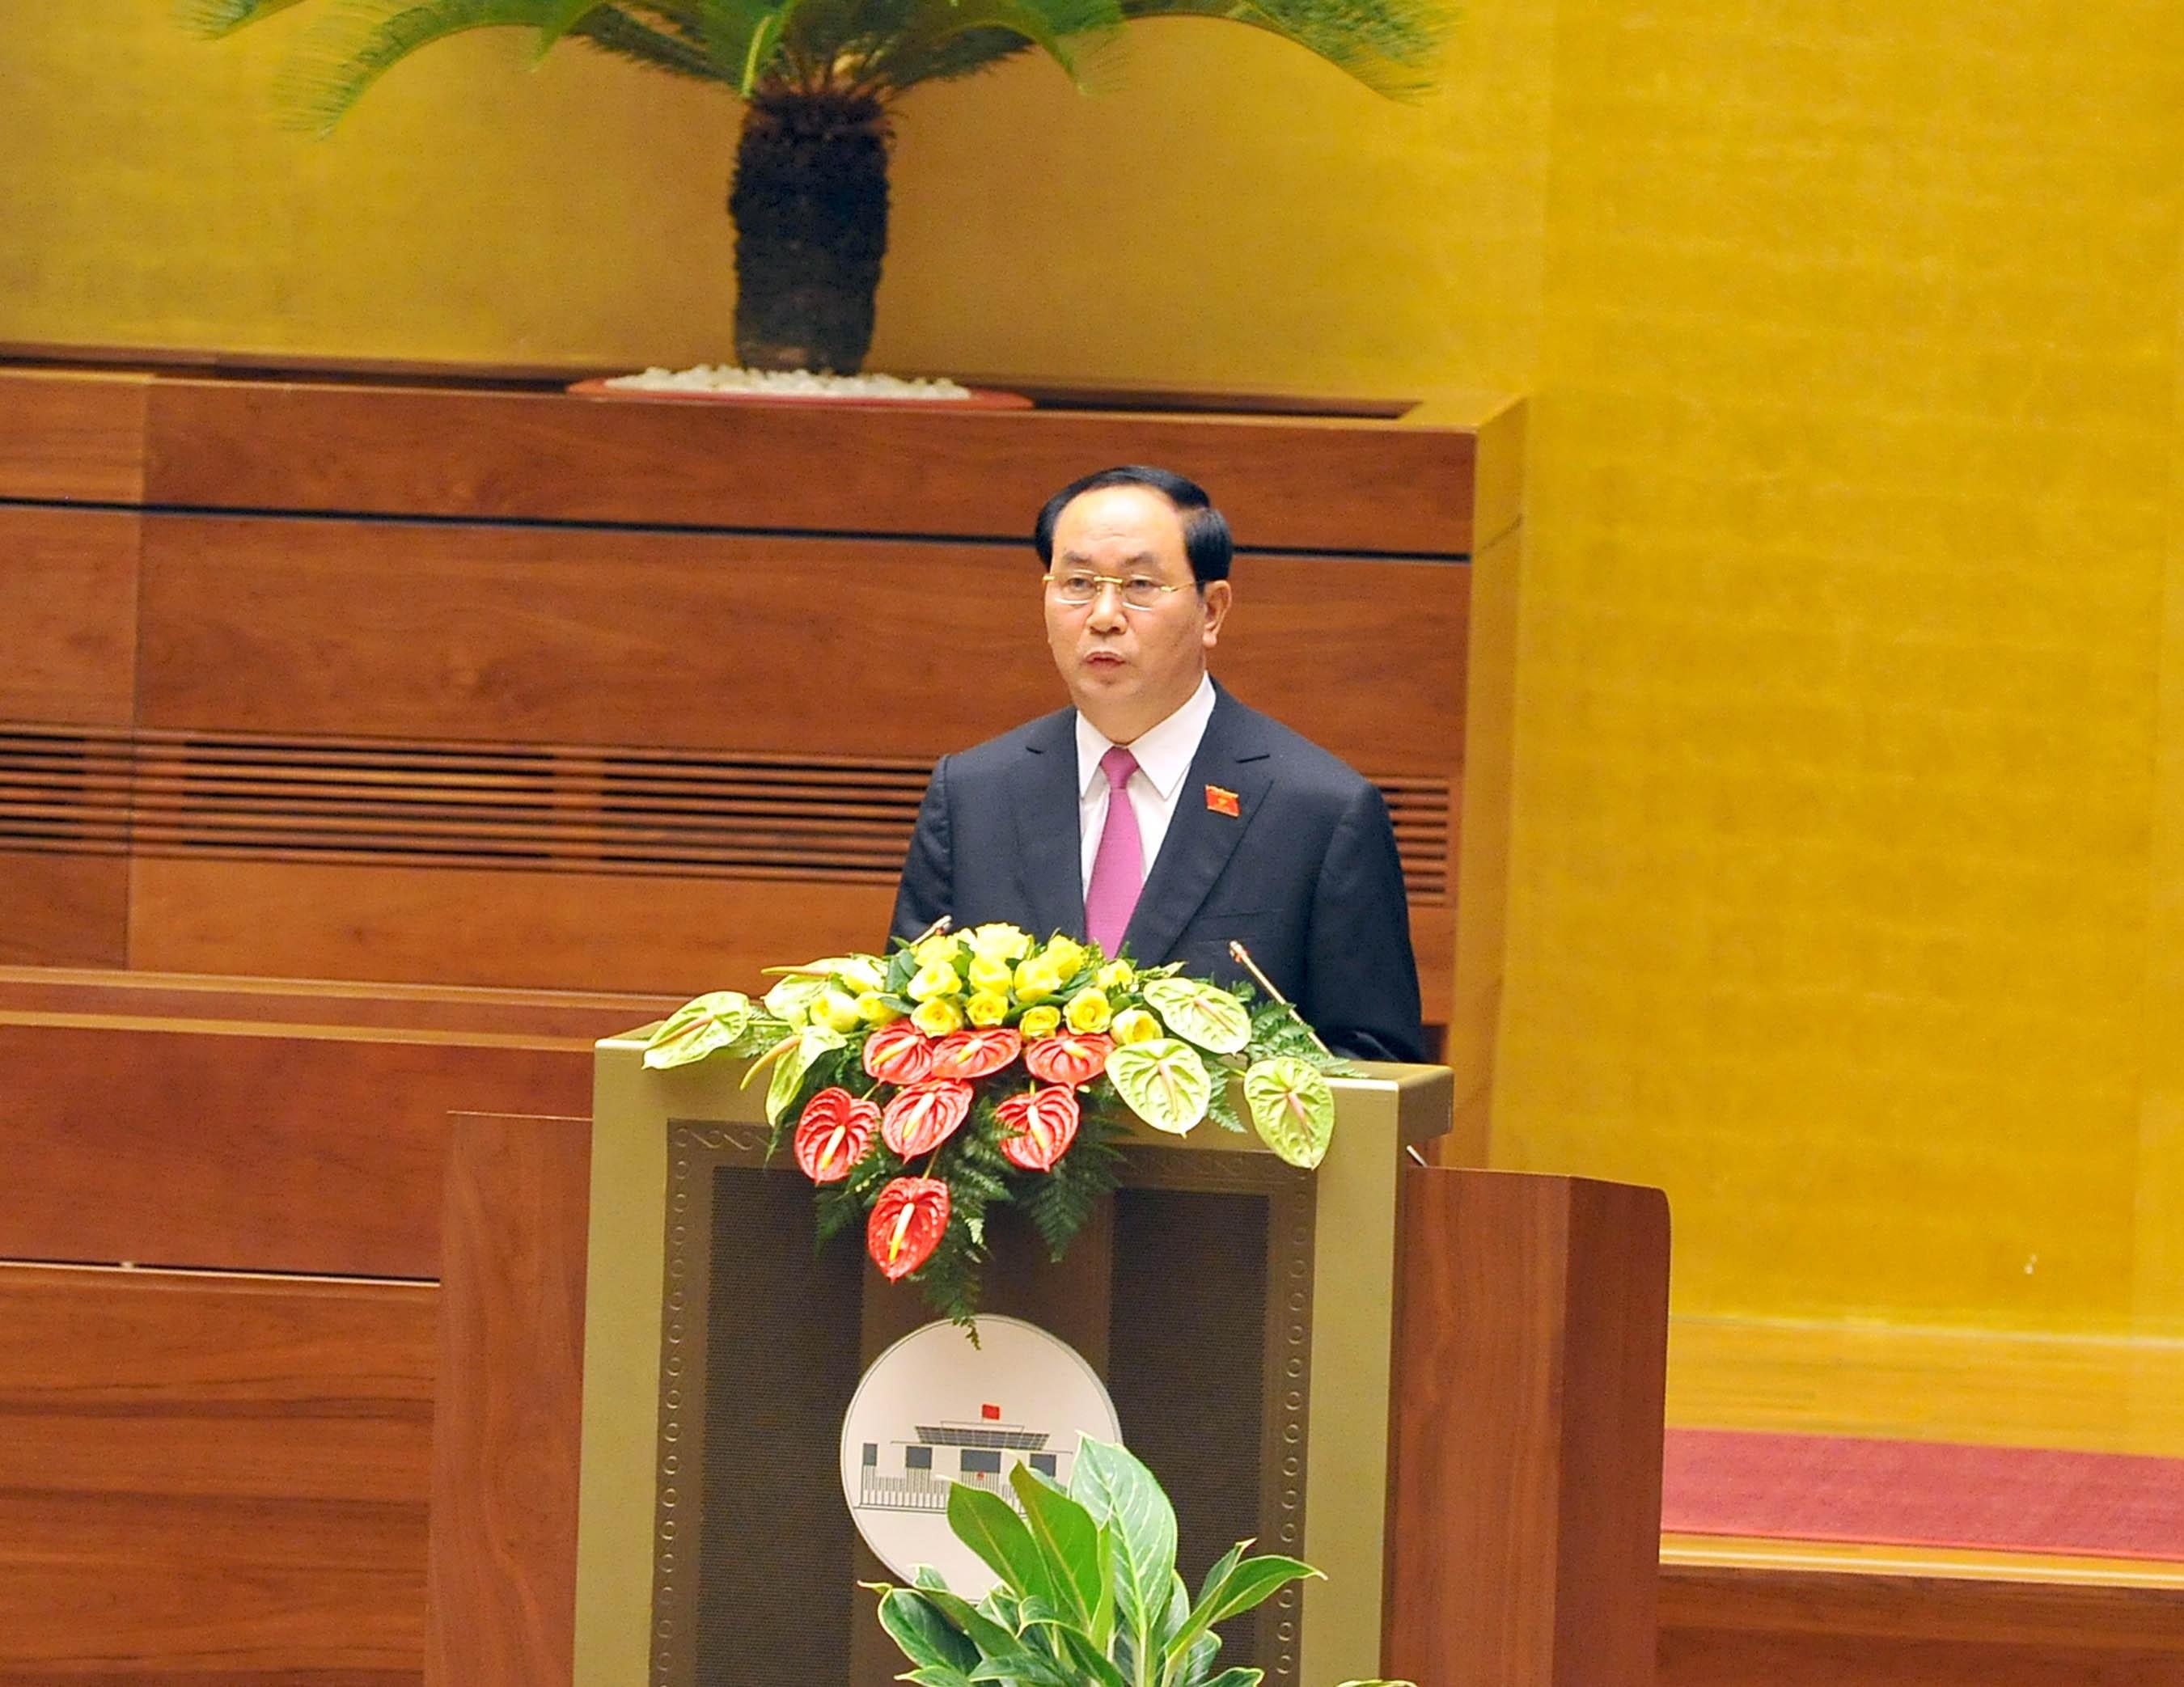 Chủ tịch nước cam kết bảo vệ vững chắc độc lập chủ quyền và toàn vẹn lãnh thổ của Tổ quốc. (Ảnh: H.L)